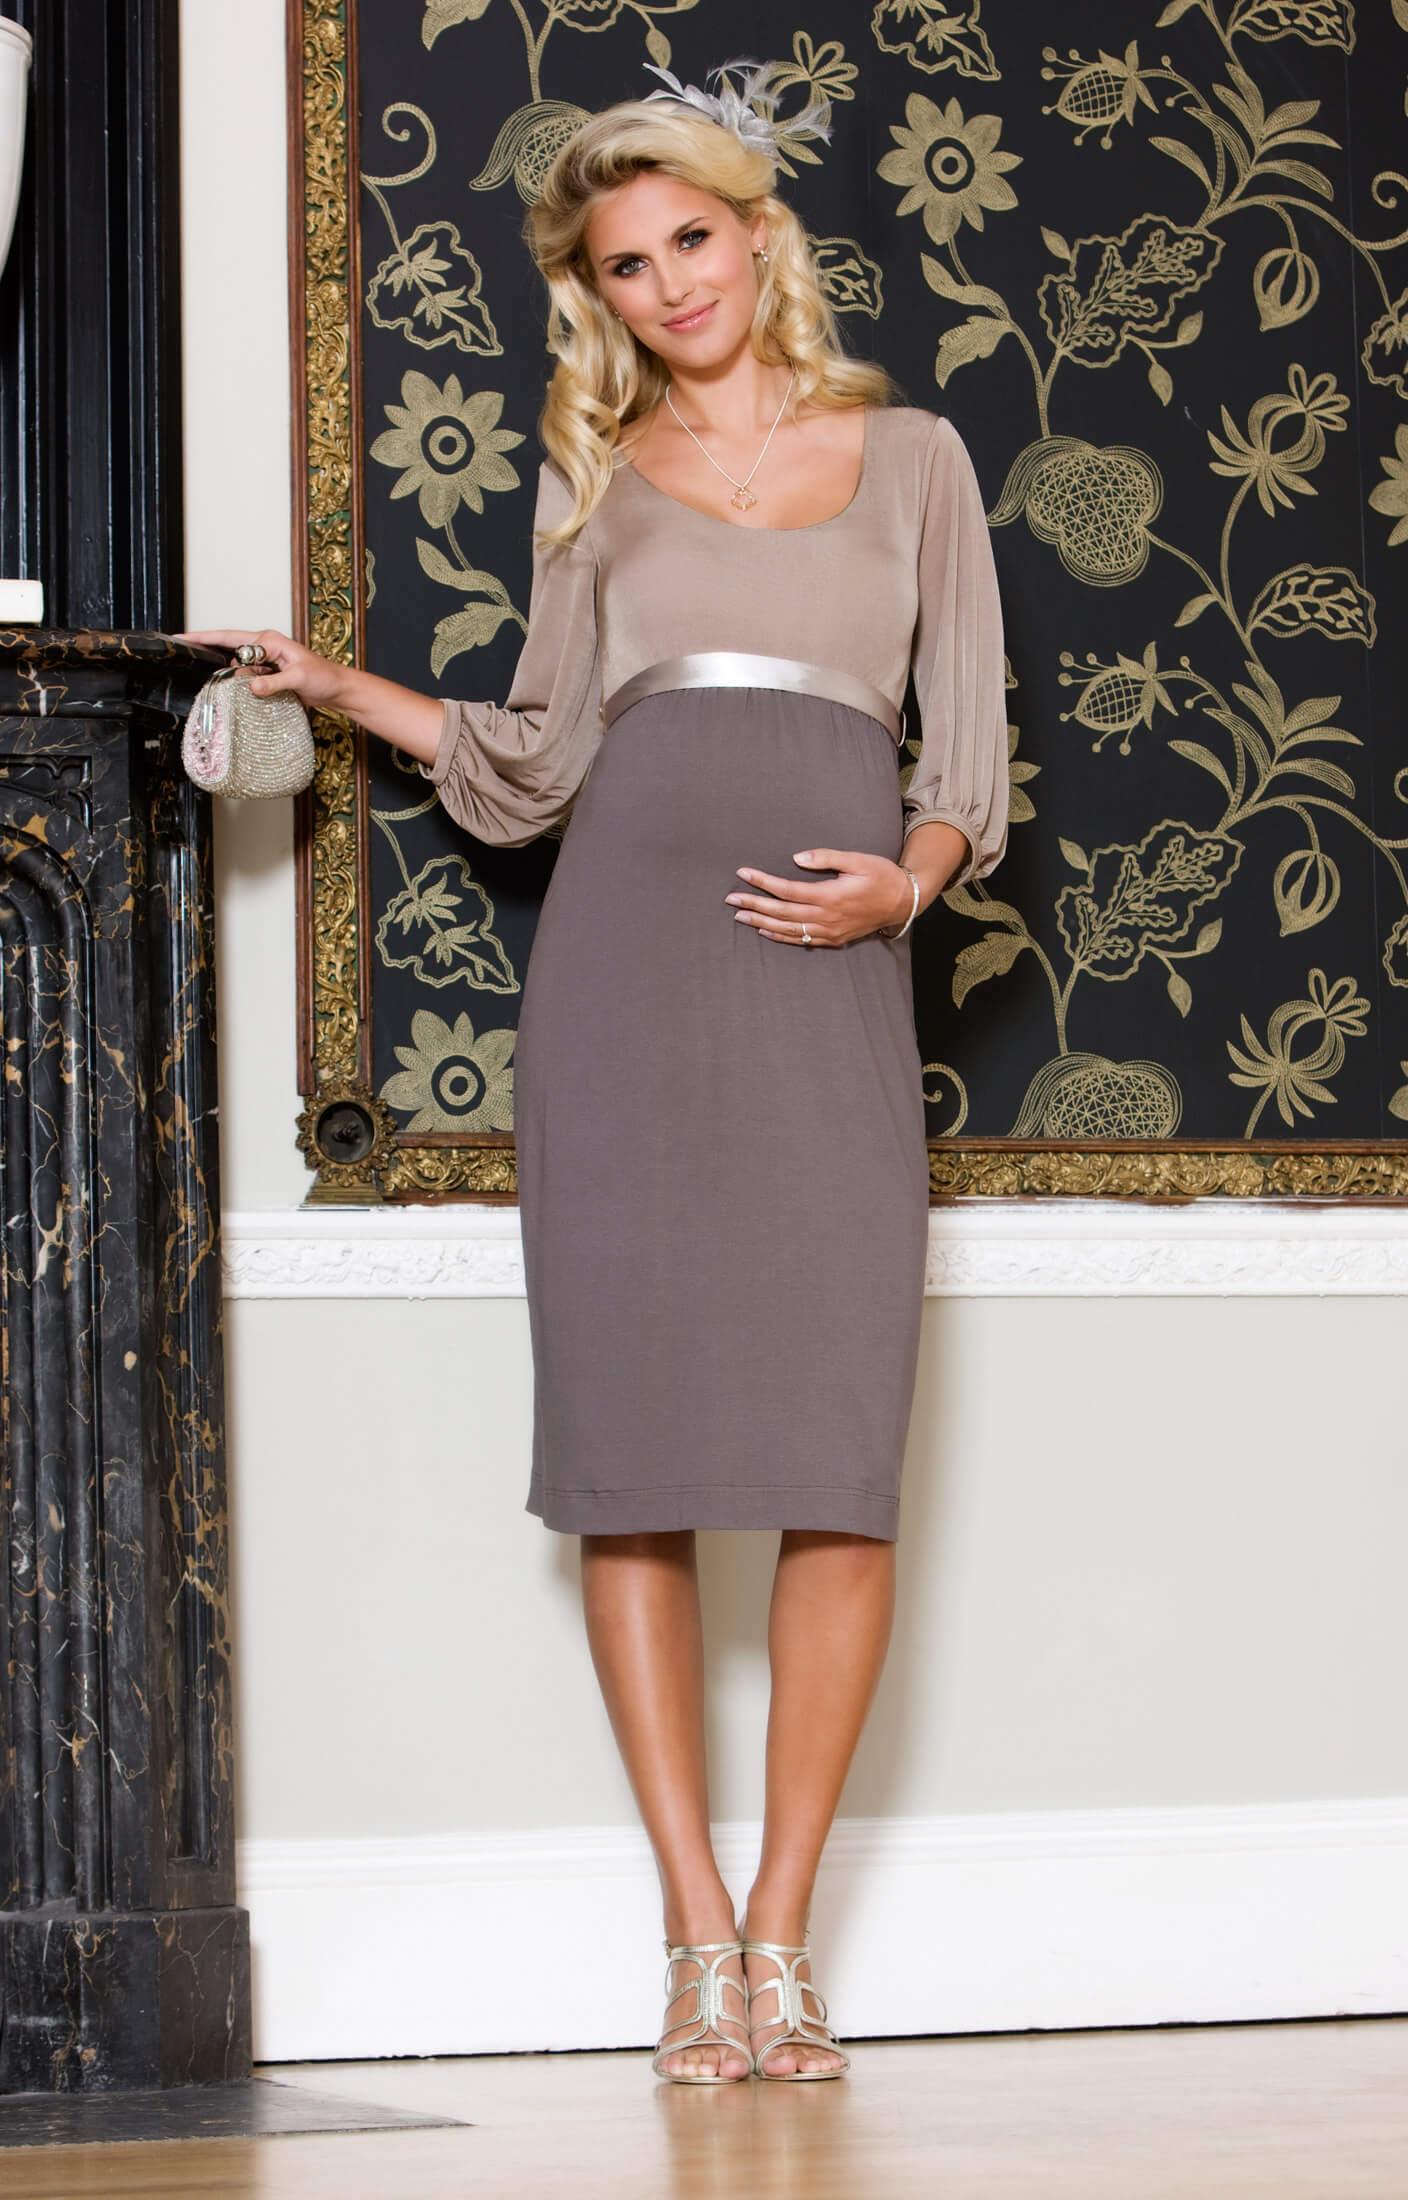 Sienna Maternity Dress (Dusk) maternity dresses for weddings Sienna Maternity Dress Dusk by Tiffany Rose